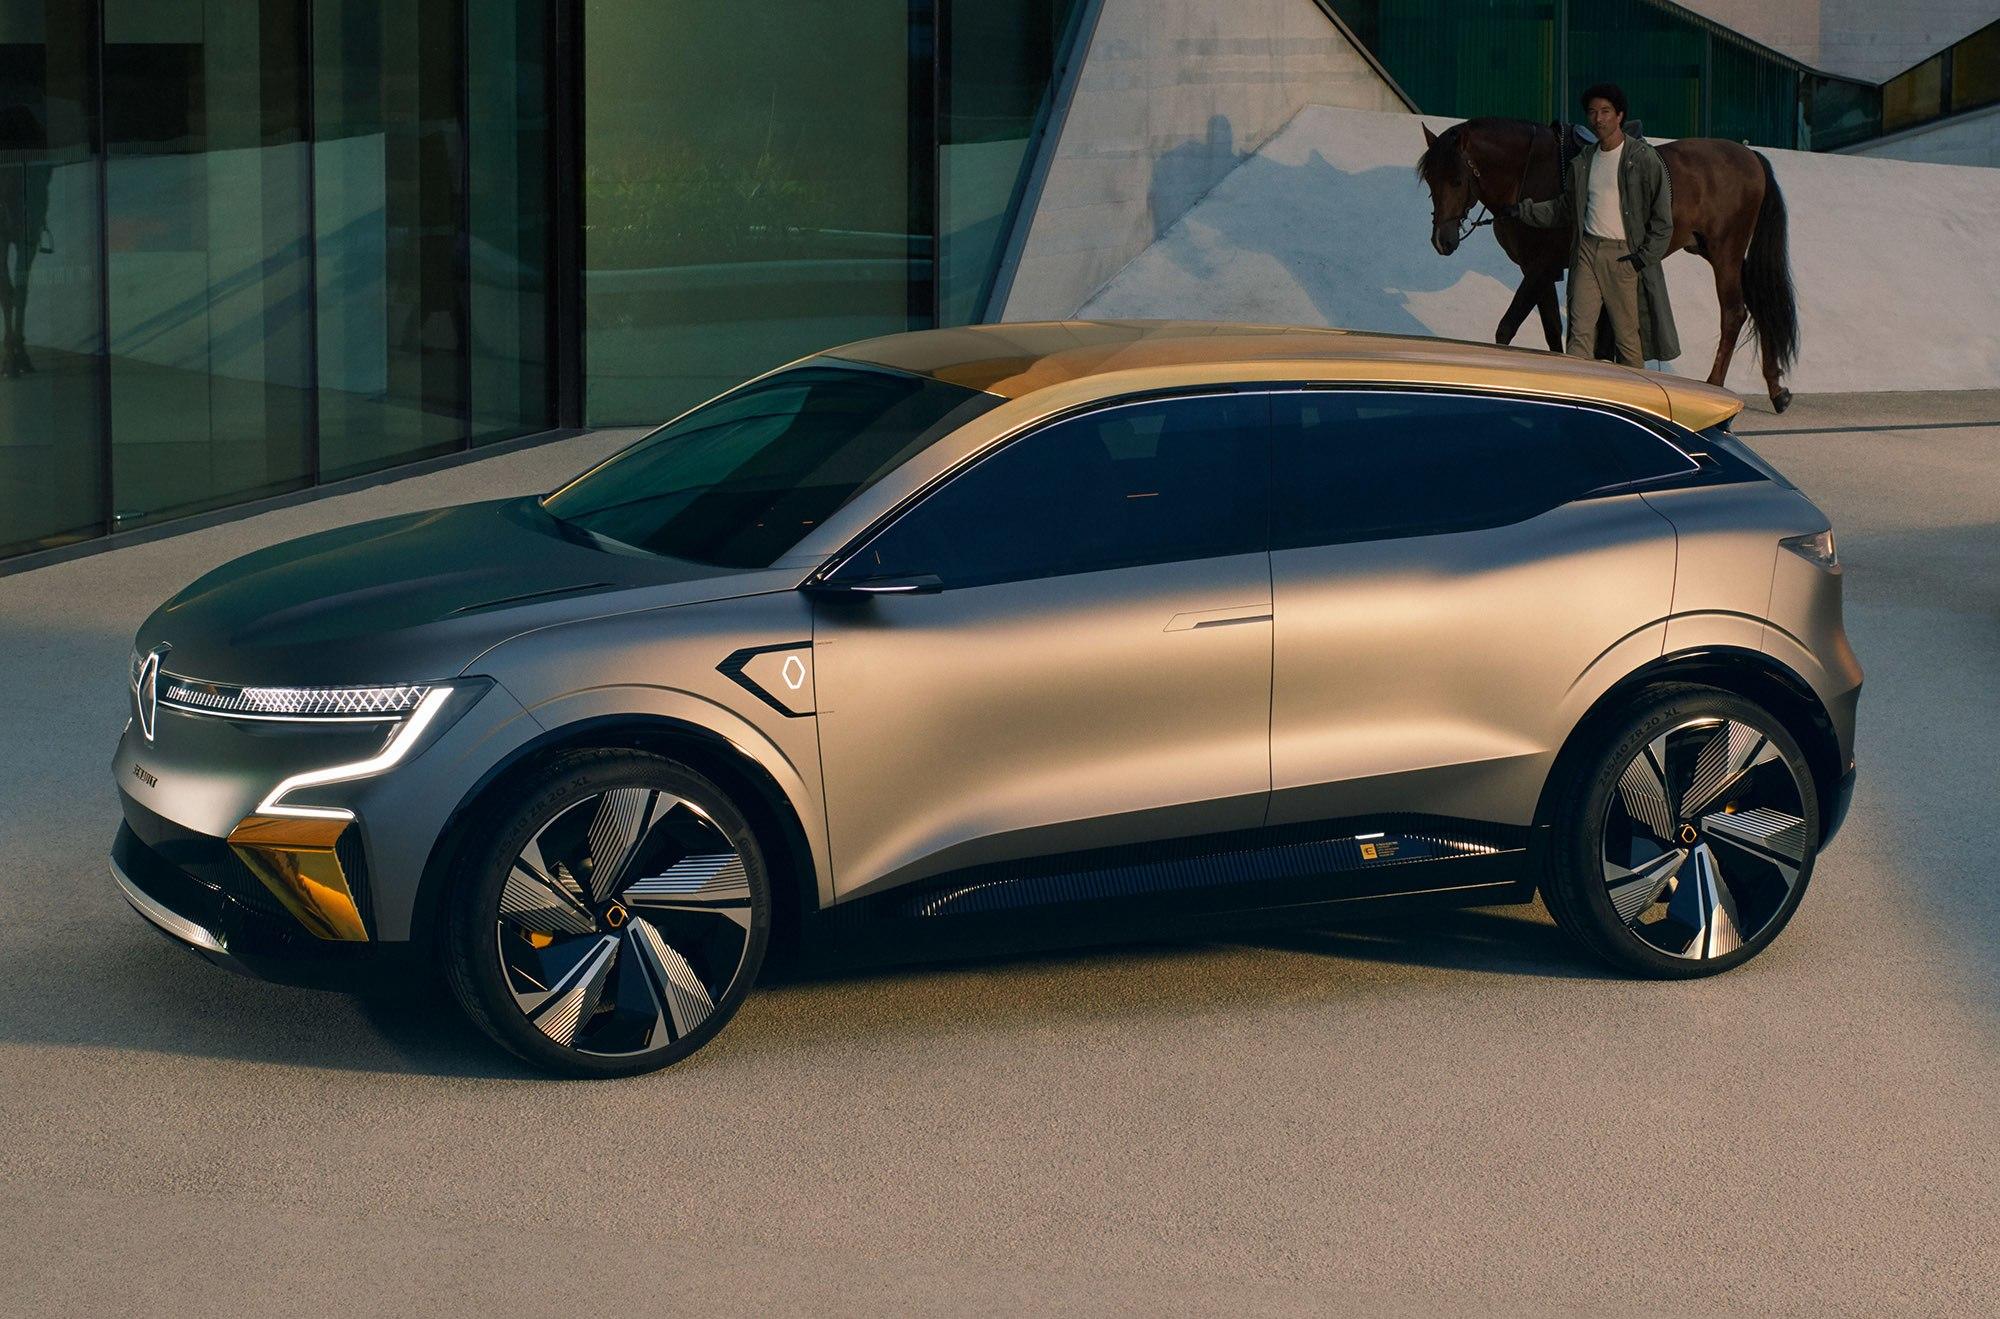 Renault S Megane Evision Concept Previews Its Future Ev Lineup Engadget